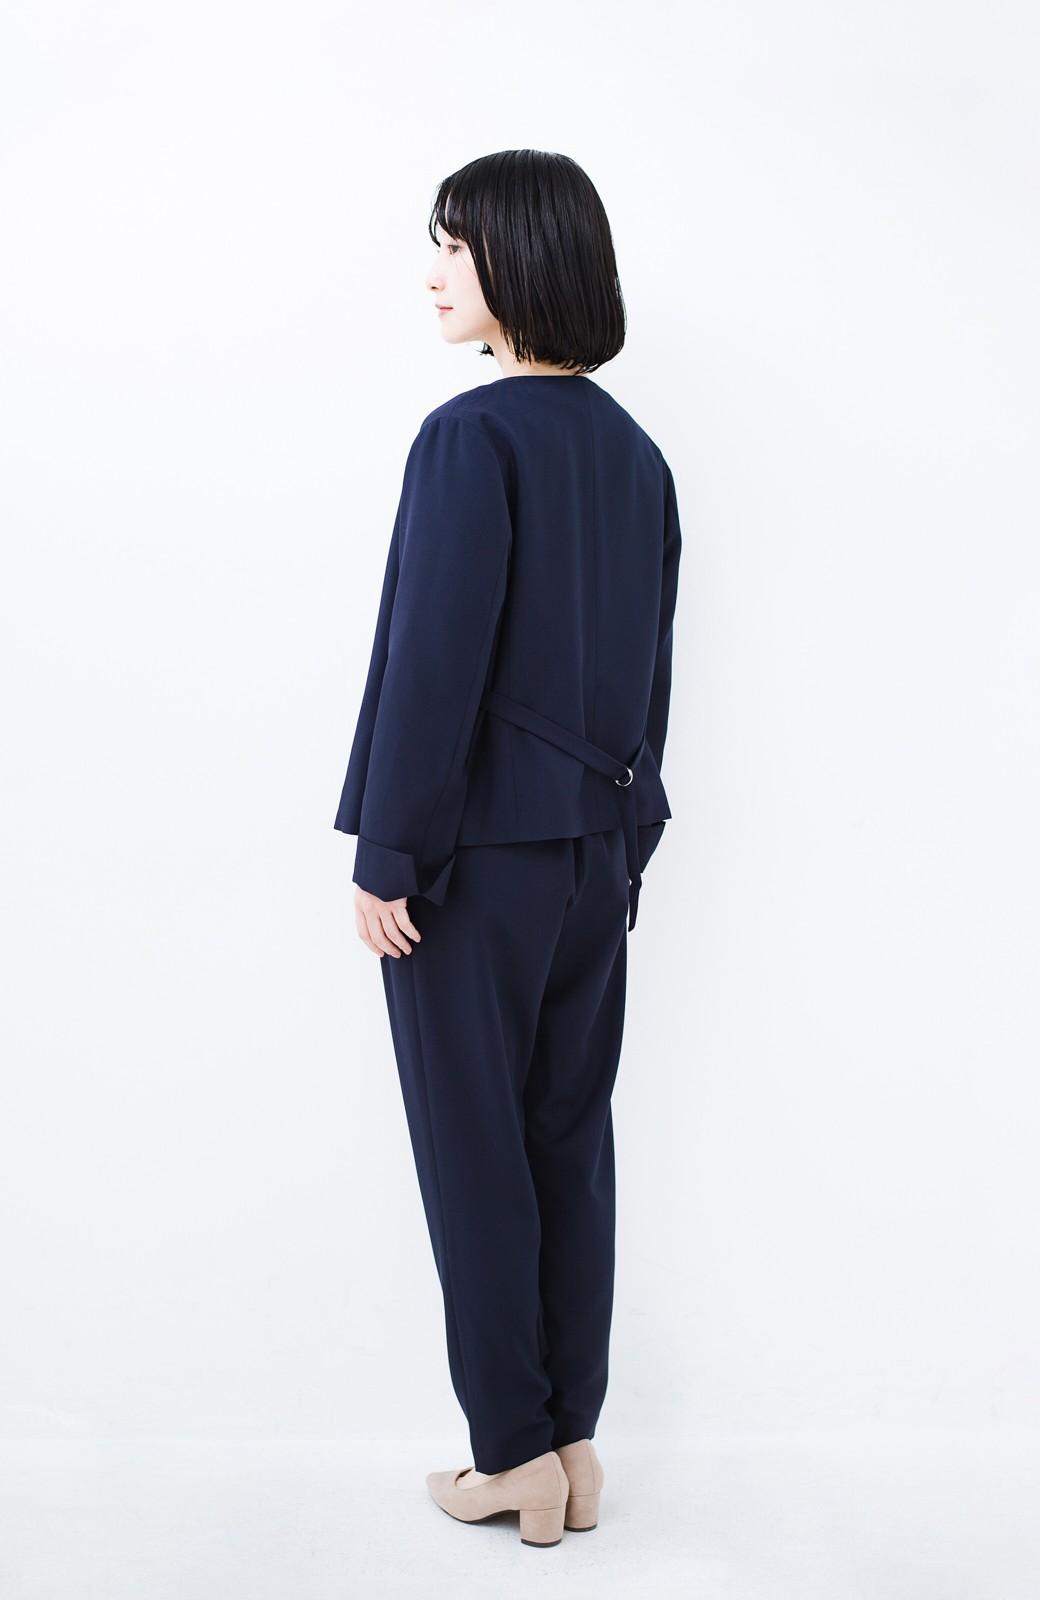 haco! 持っていると便利な野暮ったくならないフォーマルジャケット・パンツ・スカートの3点セット <ダークネイビー>の商品写真11